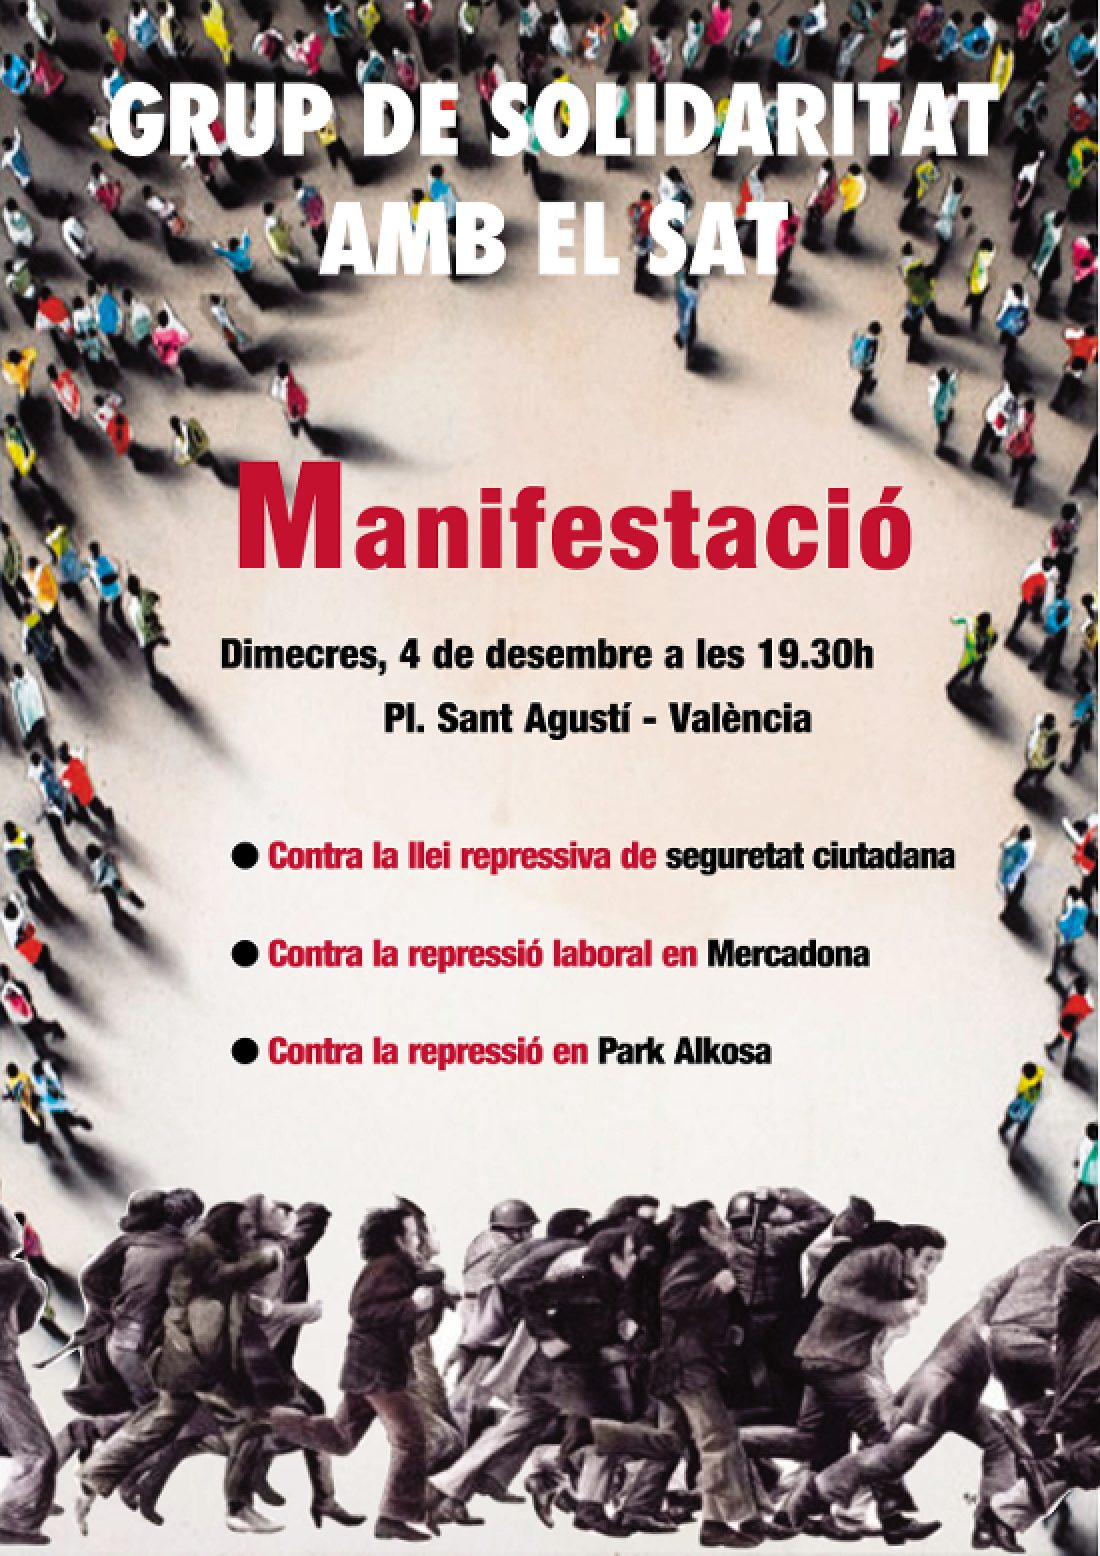 Manifestación el día 4 de diciembre en Valencia